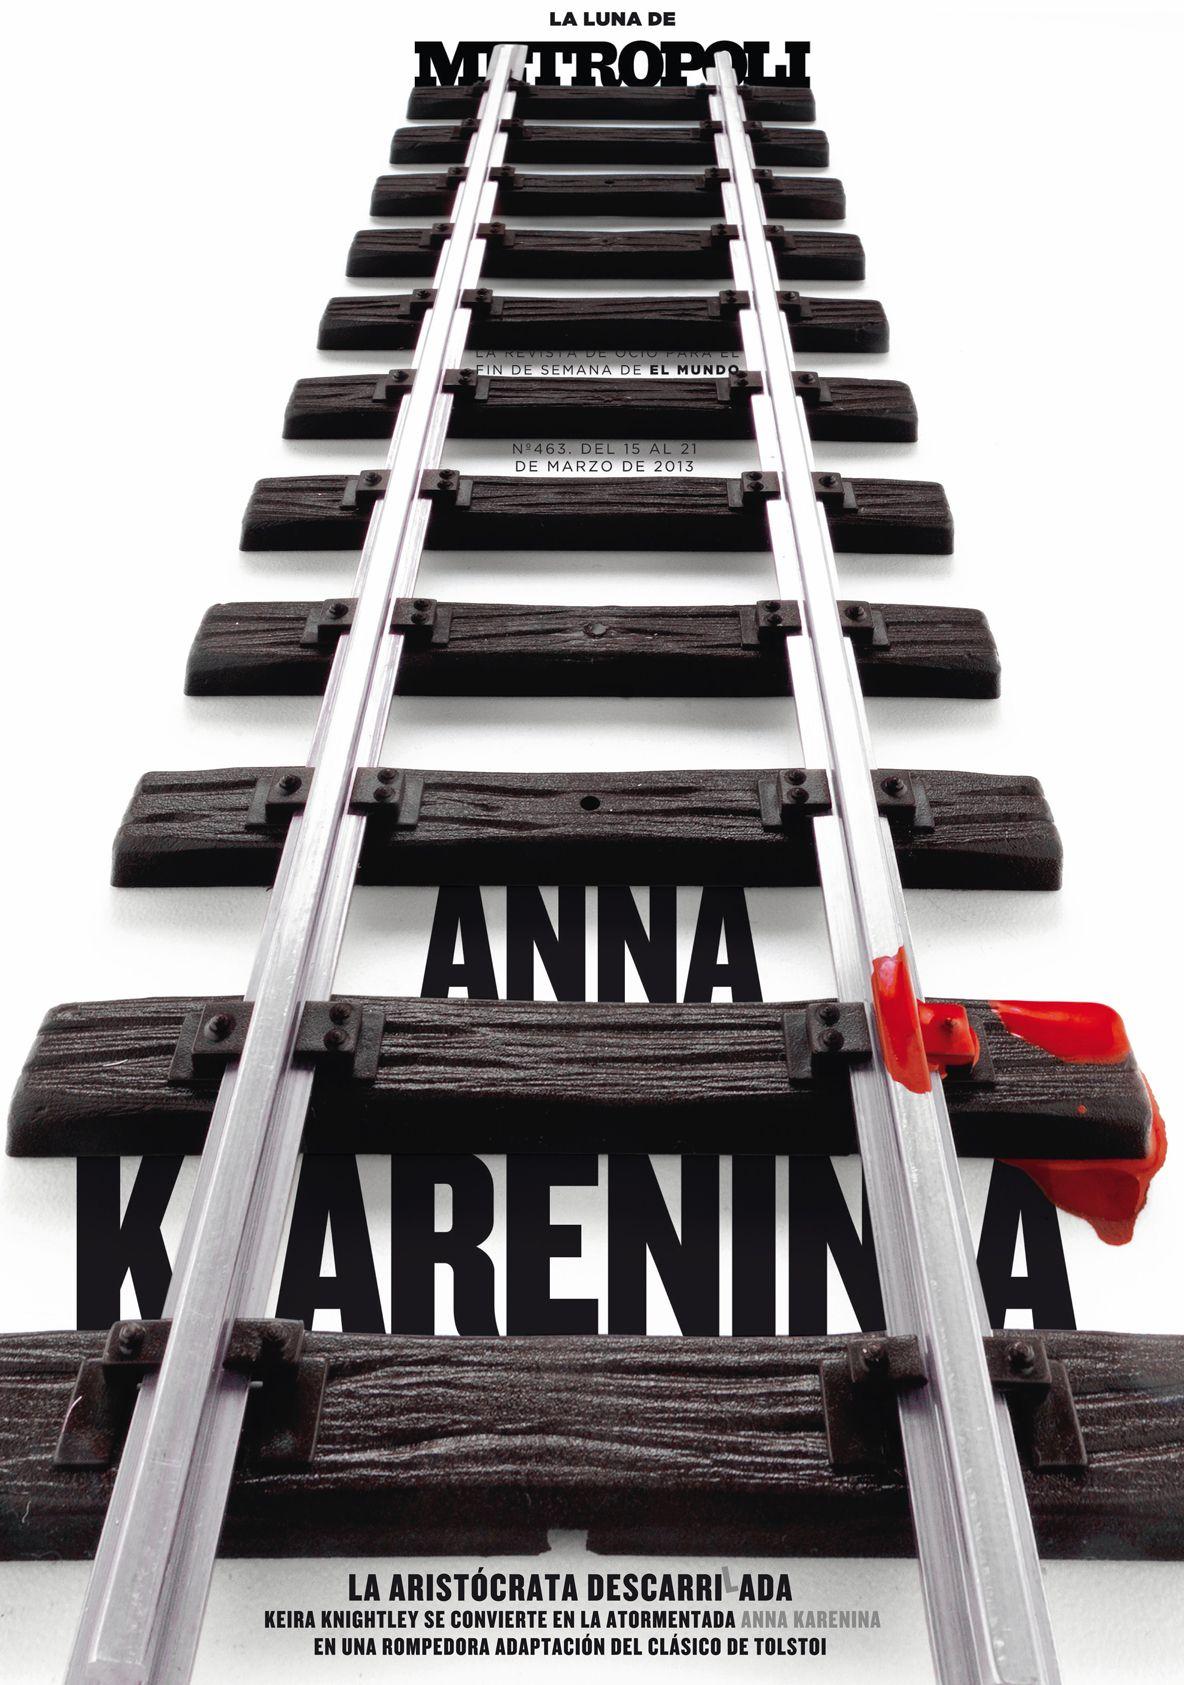 ANNA KARENINA. La última versión cinematográfica de la novela de Tolstoi. Fotografía de Ángel Becerril.